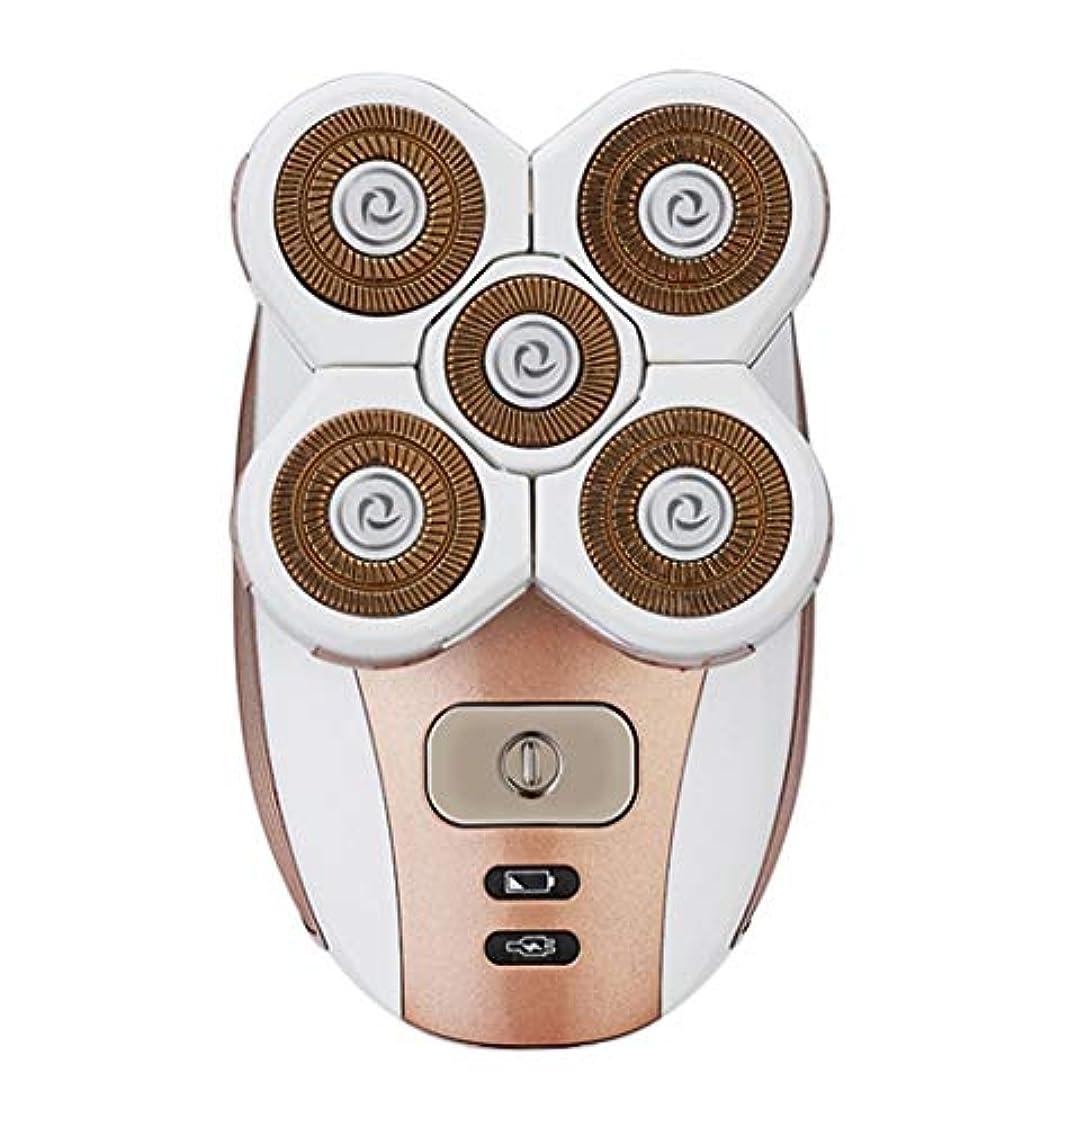 自宅でショップ交響曲SGKJJ - 脱毛器 電気脱毛装置プライベートパーツシェービング器具脇の下陰毛剃毛レディーシェーバー - 8102